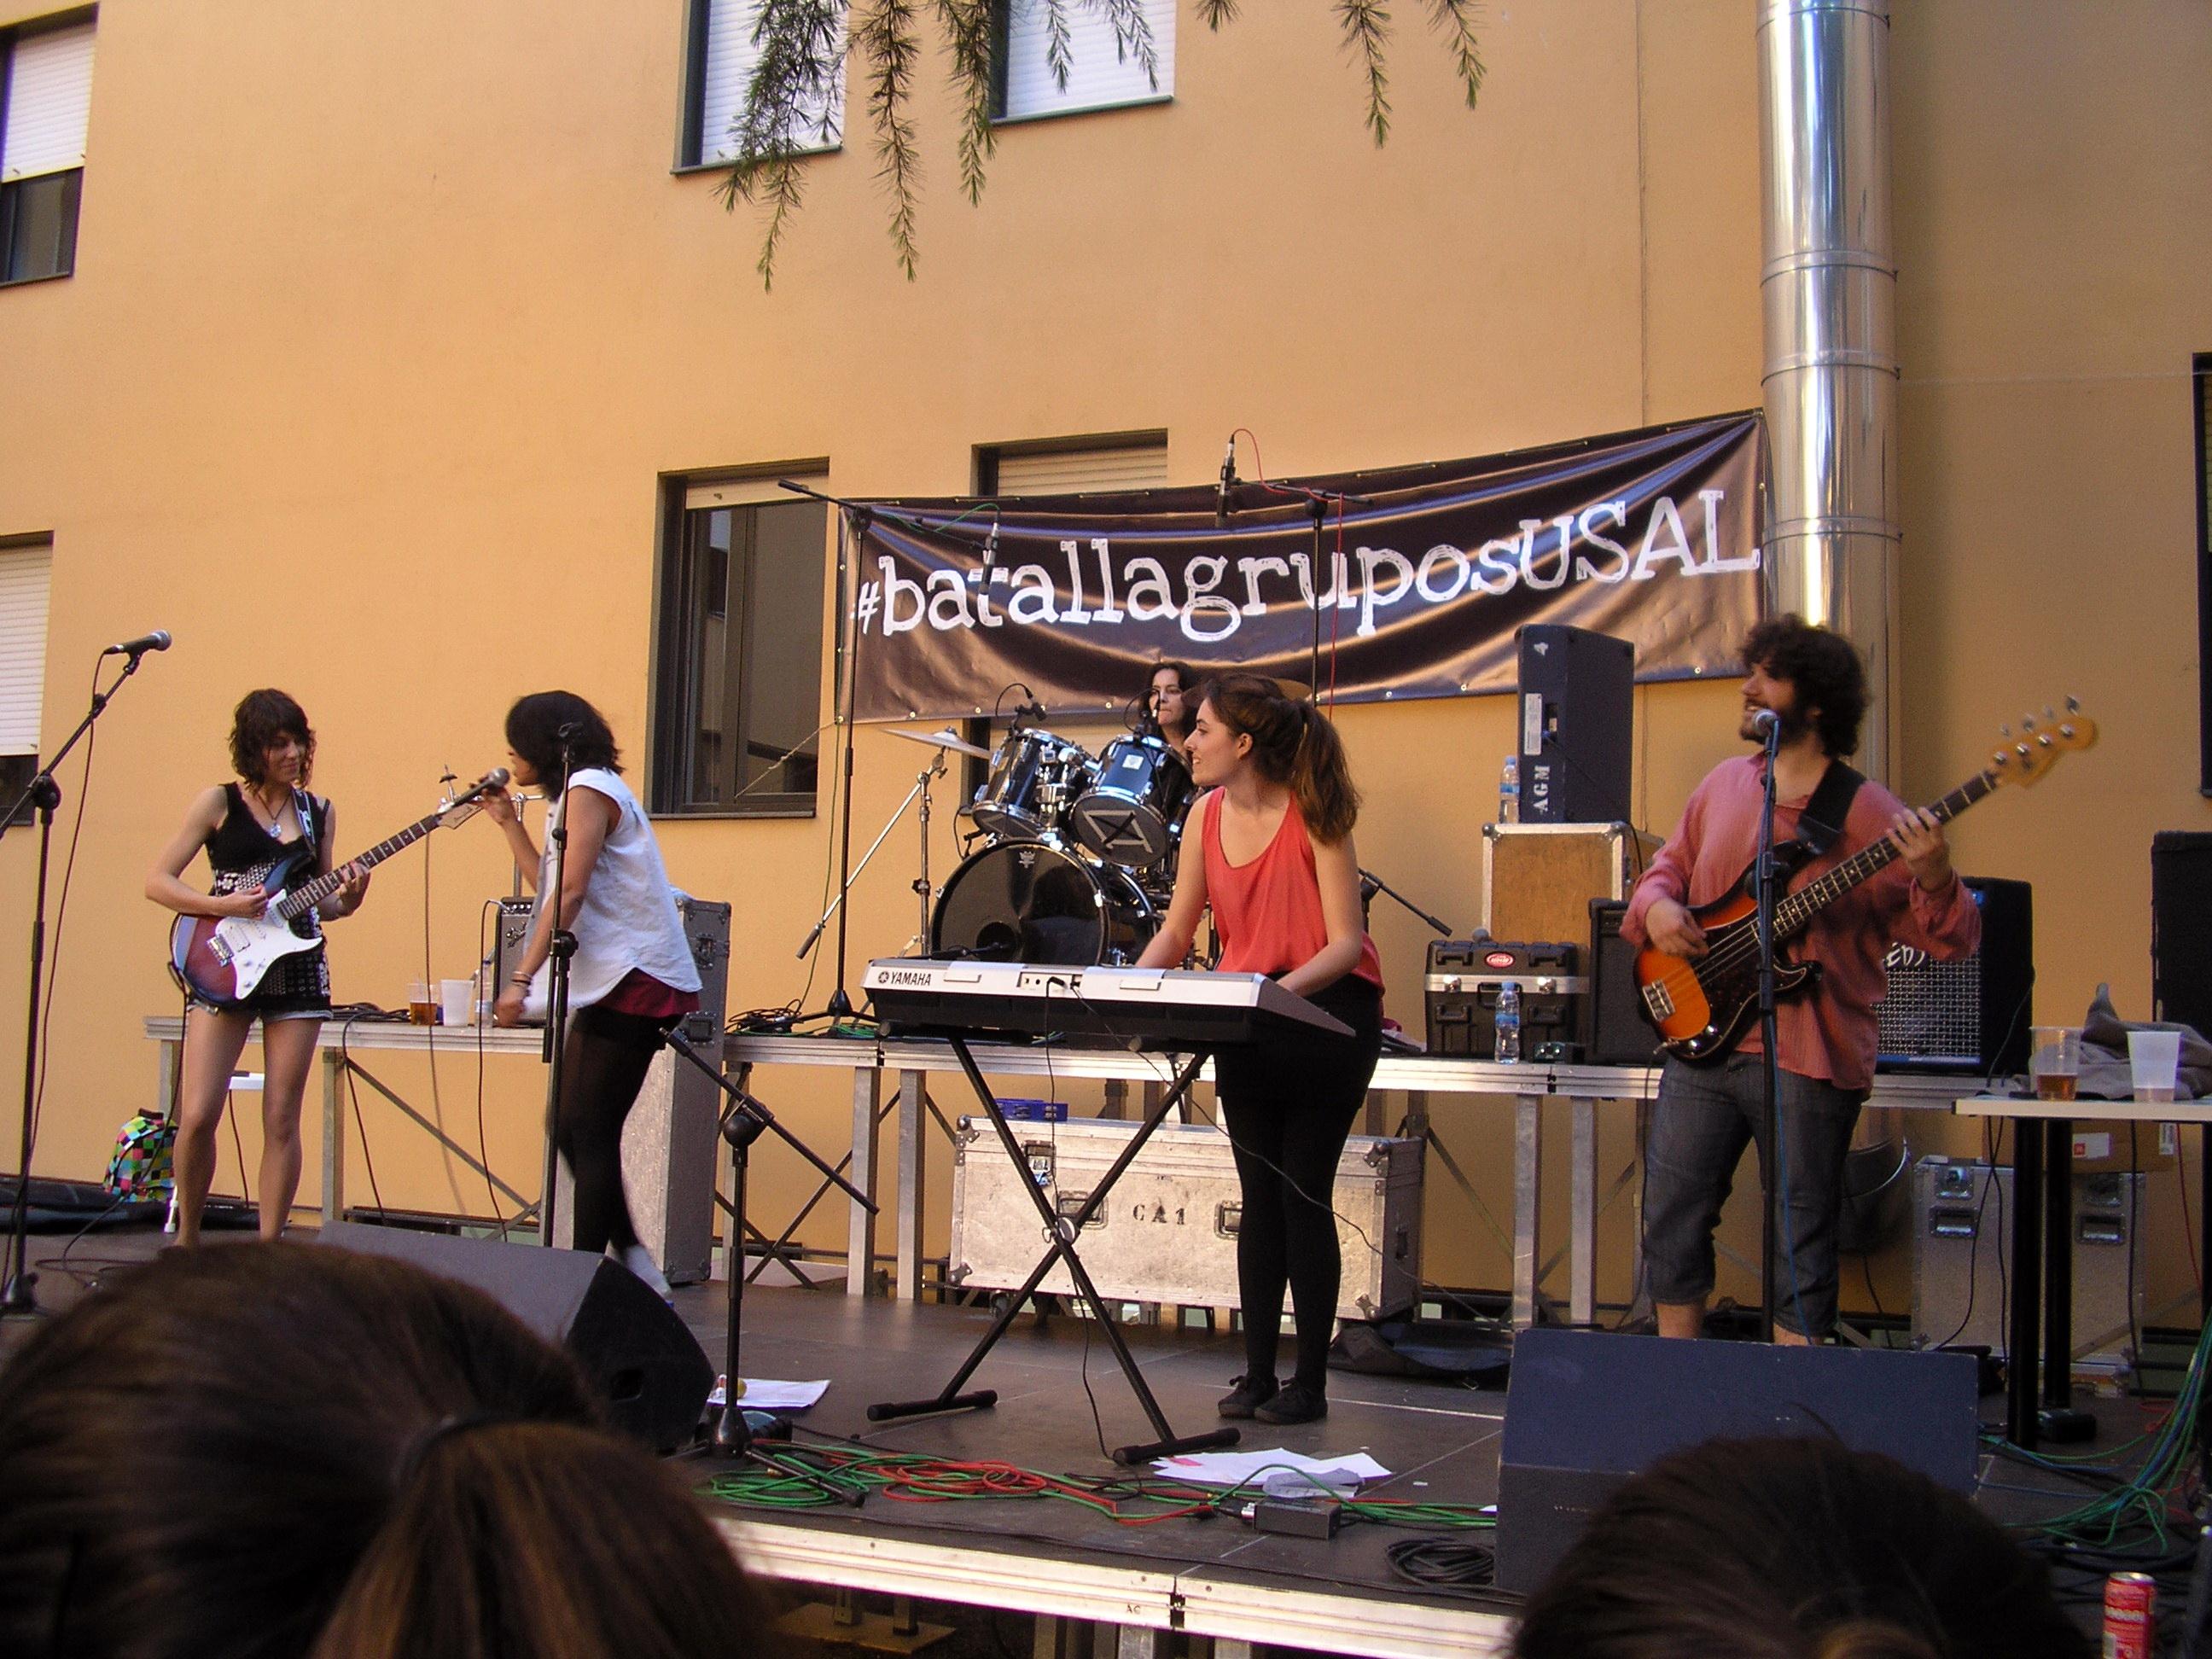 La segunda edición de la #BatallaGruposUSAL se celebrará el próximo 26 de abril en el Colegio Mayor Oviedo